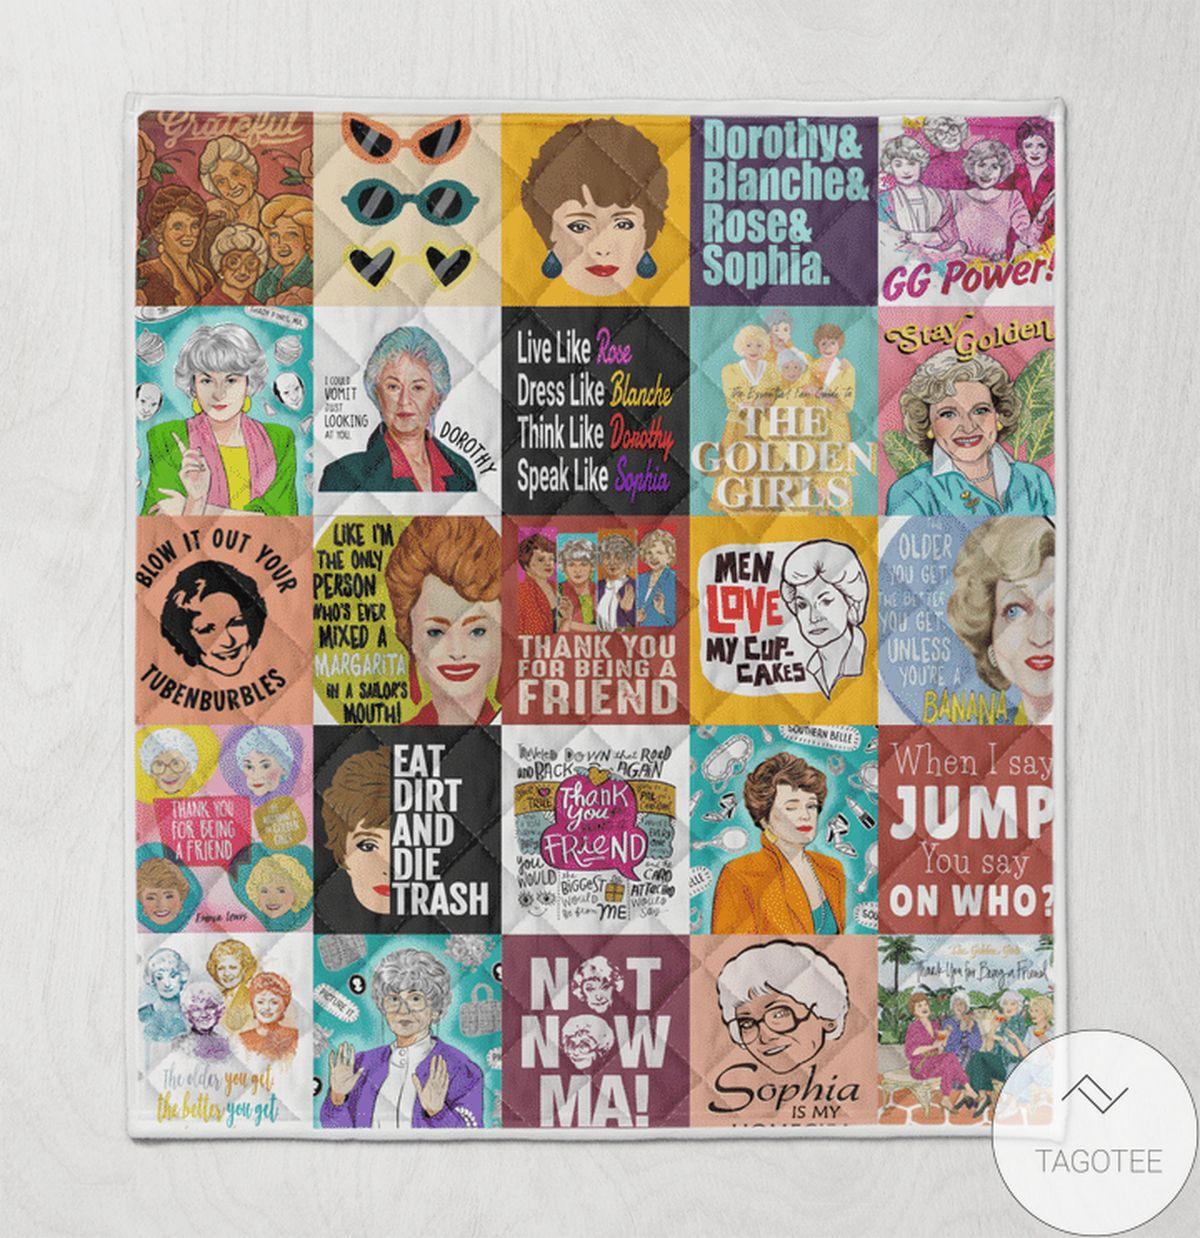 The Golden Girls Movie Blanket Quilt